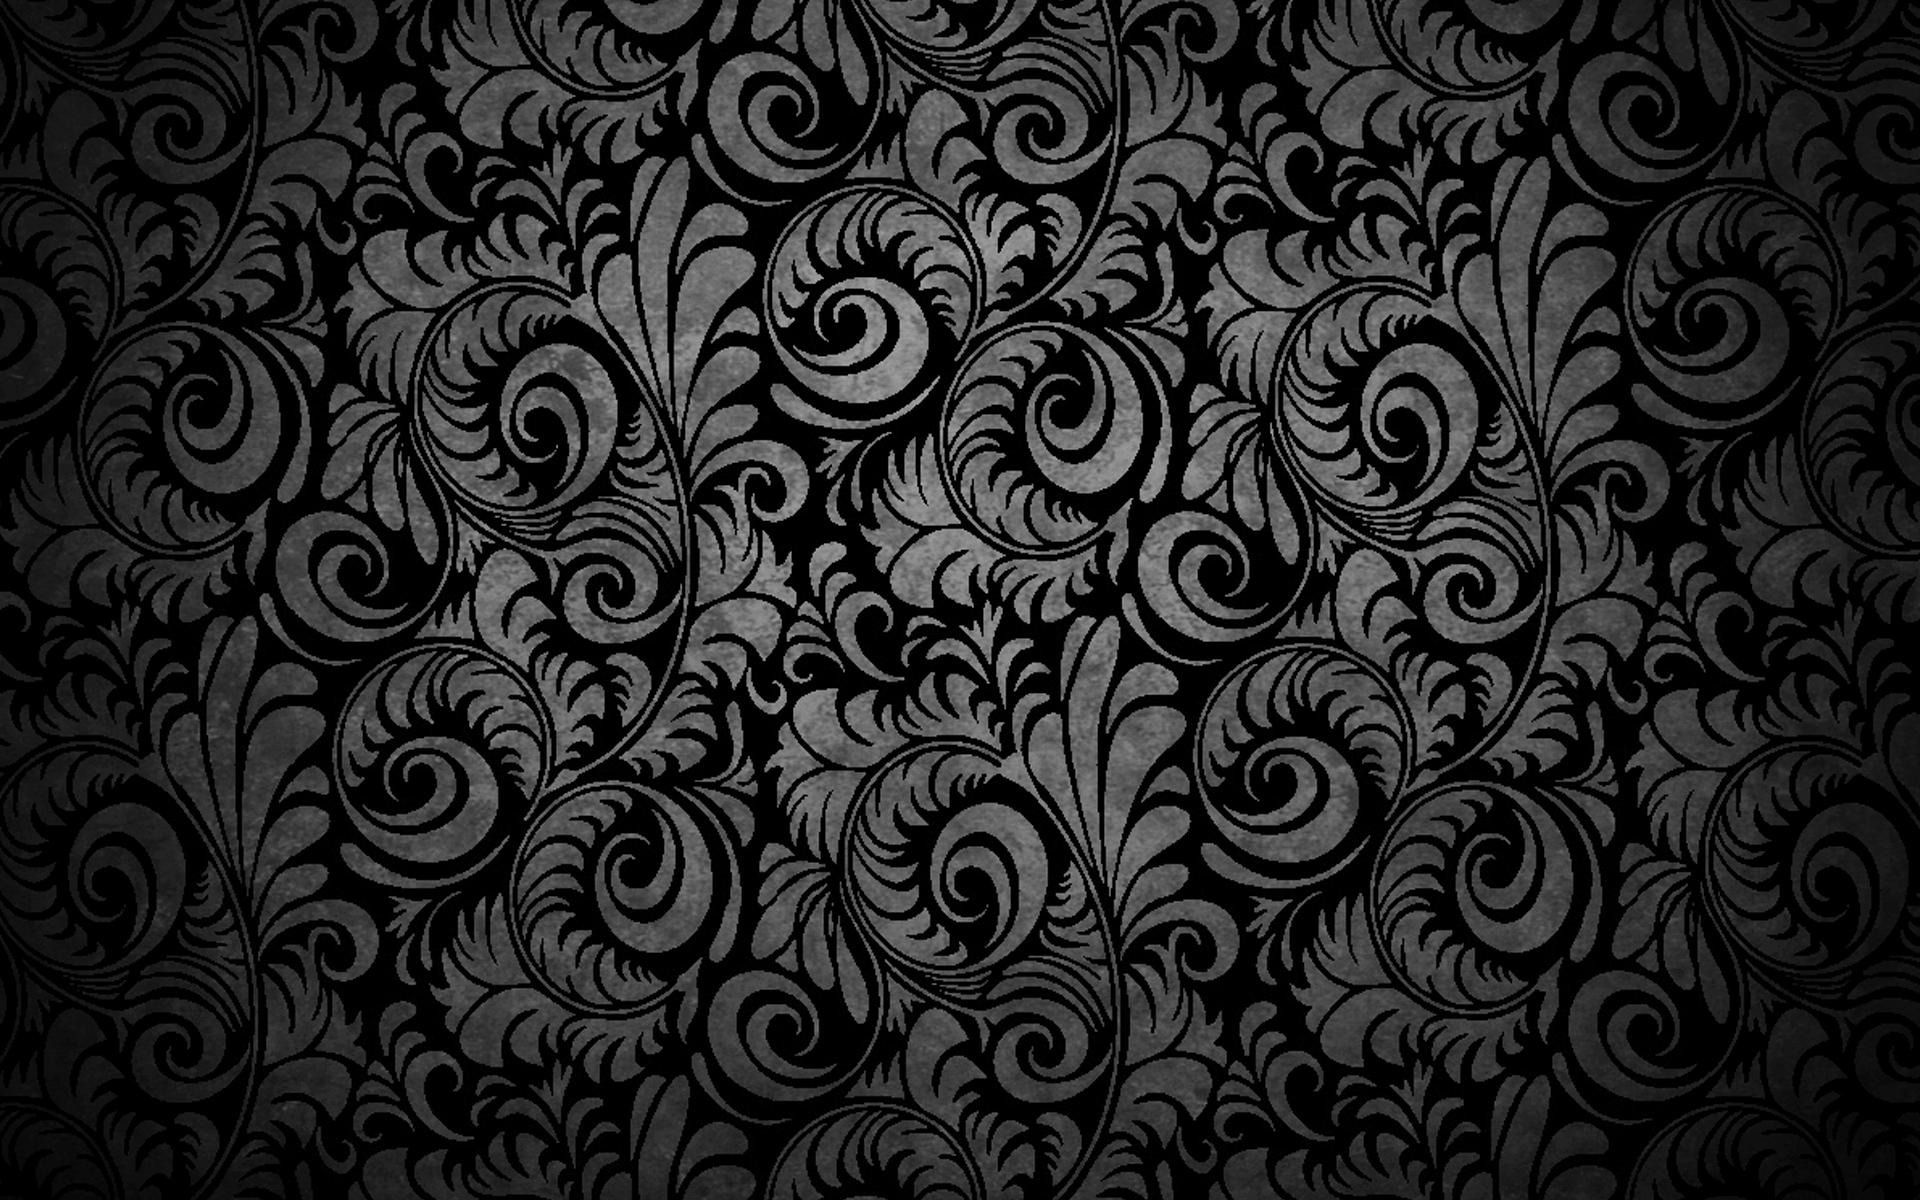 Black Abstract Design Fondo De Pantalla Hd Fondo De